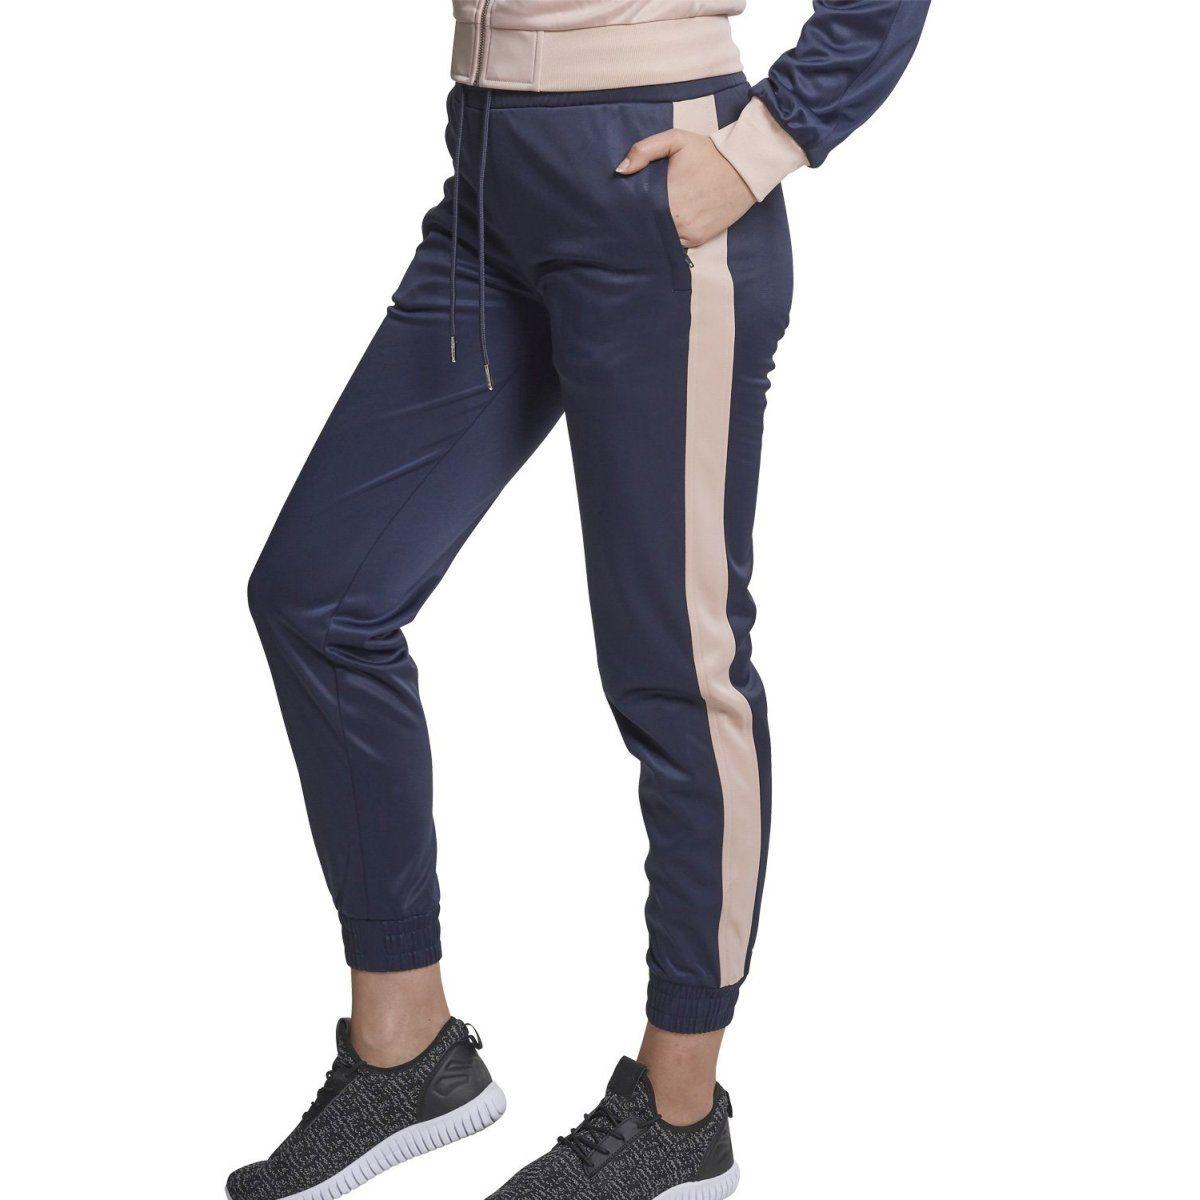 Urban Classics Ladies - Cuff Track Pants Sport Fitness Hose